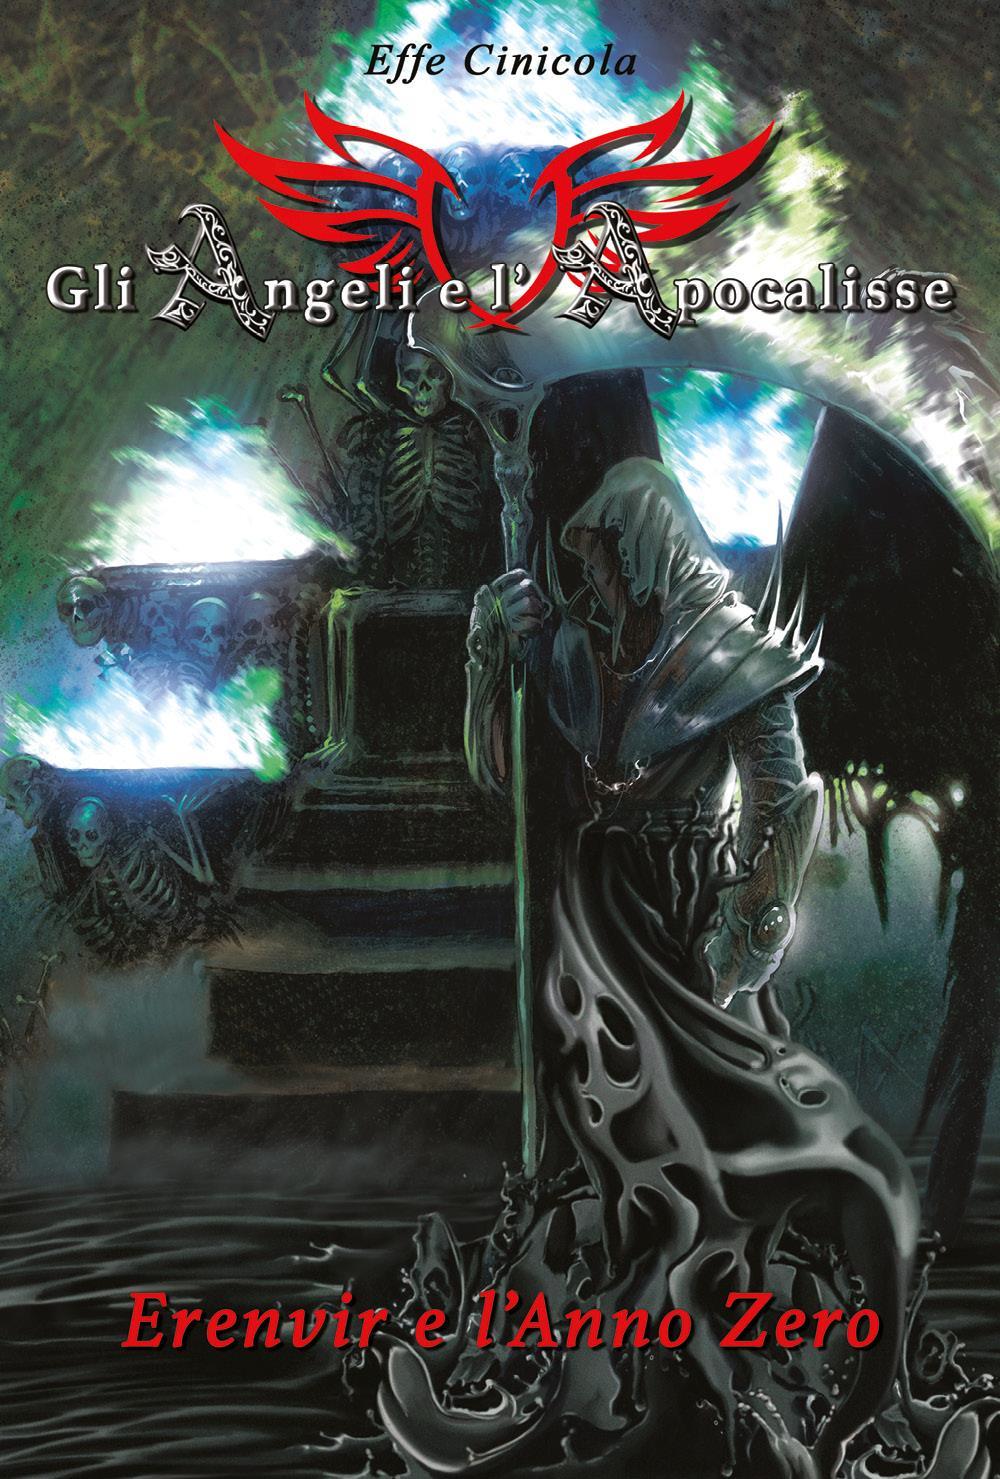 Gli Angeli e l'Apocalisse - Erenvir e l'Anno Zero